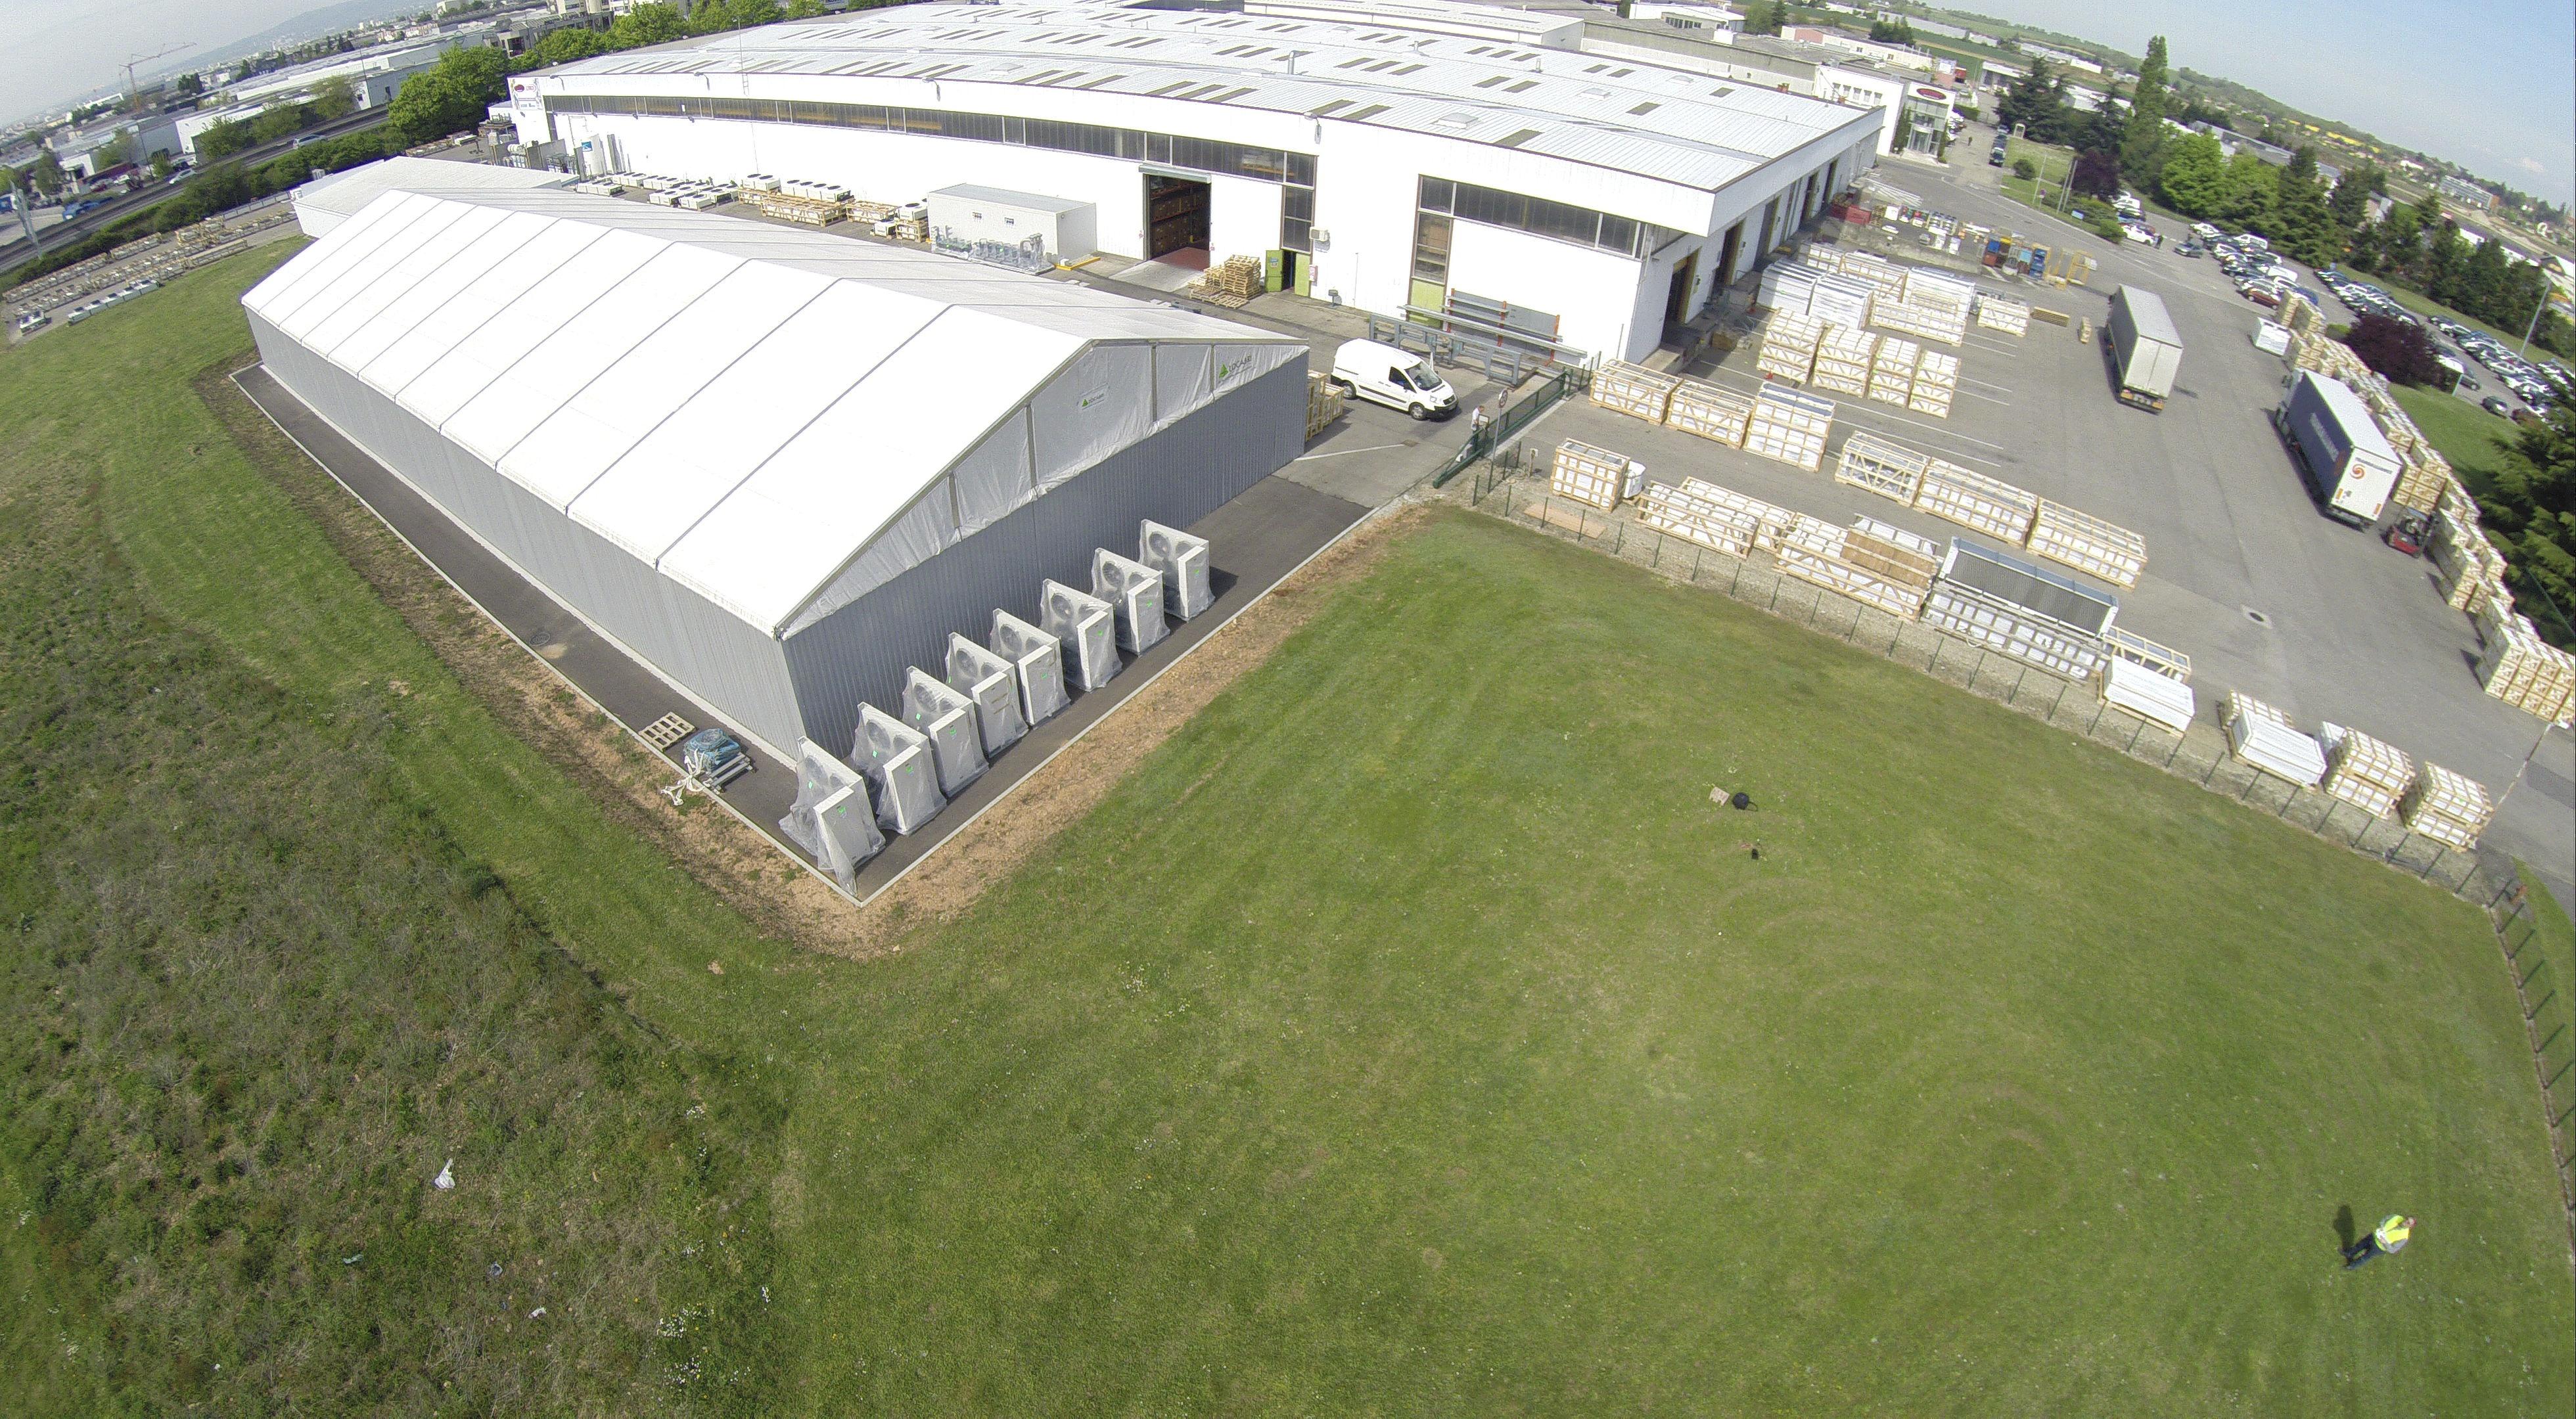 Tente industrielle modulaire et démontable, avec un mode d'installation sans fondation et qui évolue avec vos besoins.